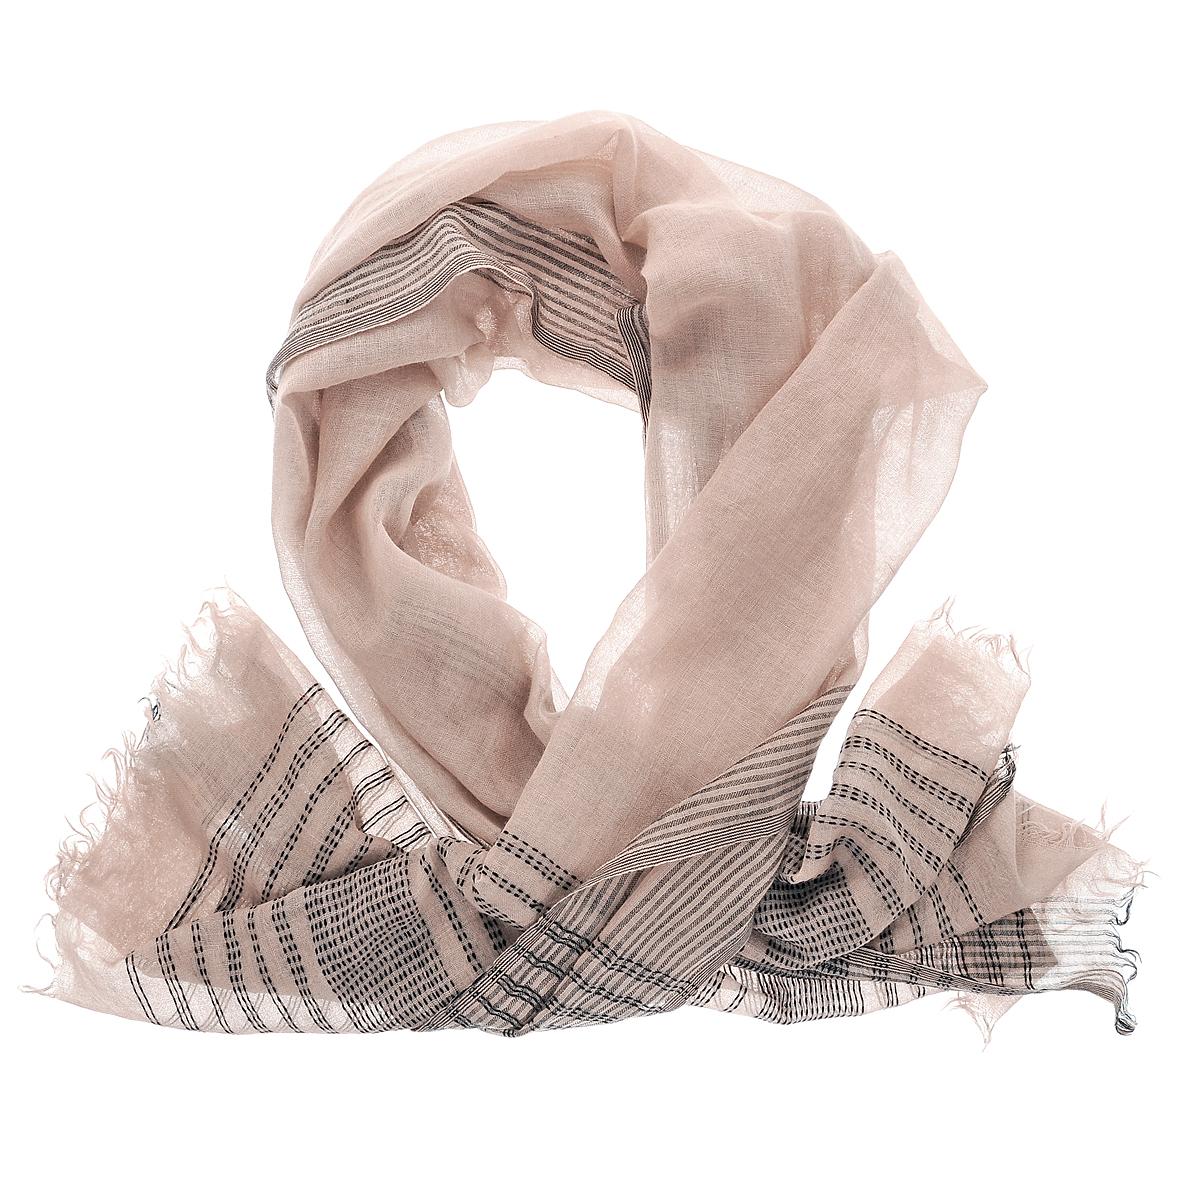 Палантин. ZW-WEMBZW-WEMB/BEСтильный палантин Michel Katana согреет в холодное время года, а также станет изысканным аксессуаром, который призван подчеркнуть вашу индивидуальность и стиль. Палантин выполнен из шерсти и декорирован оригинальным полосатым орнаментом. По краям изделие оформлено бахромой.